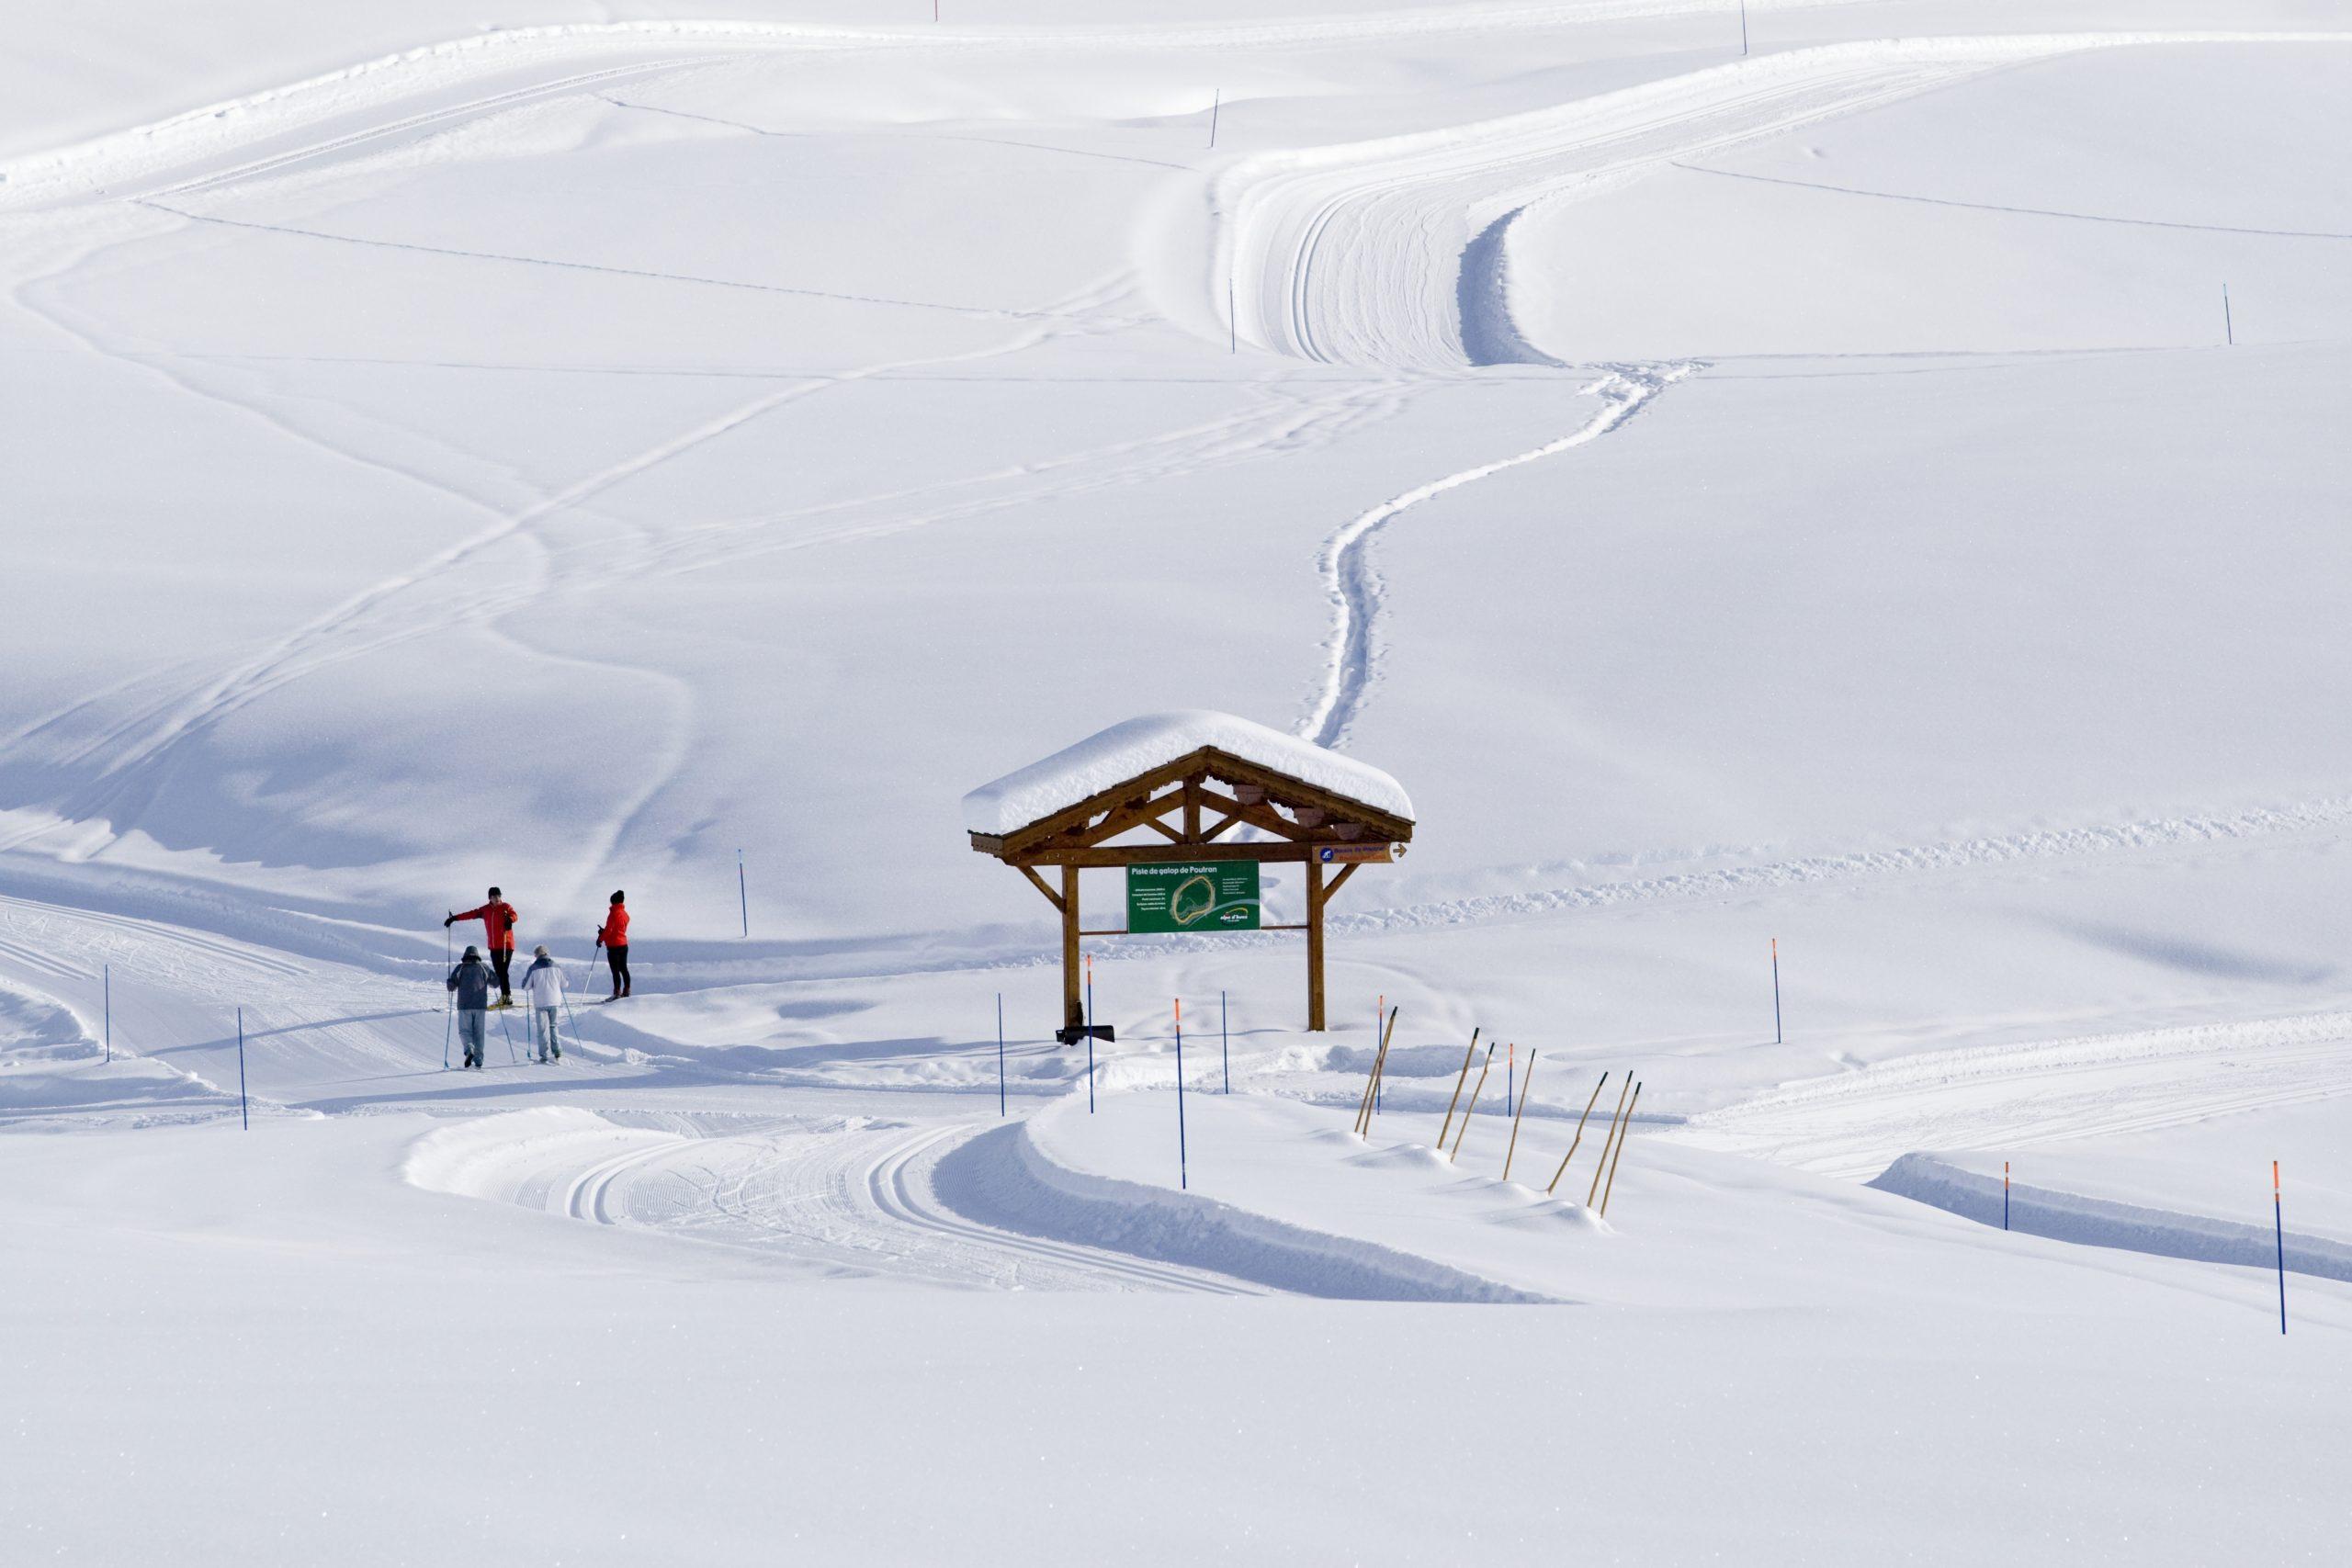 Domaine skiable nordique